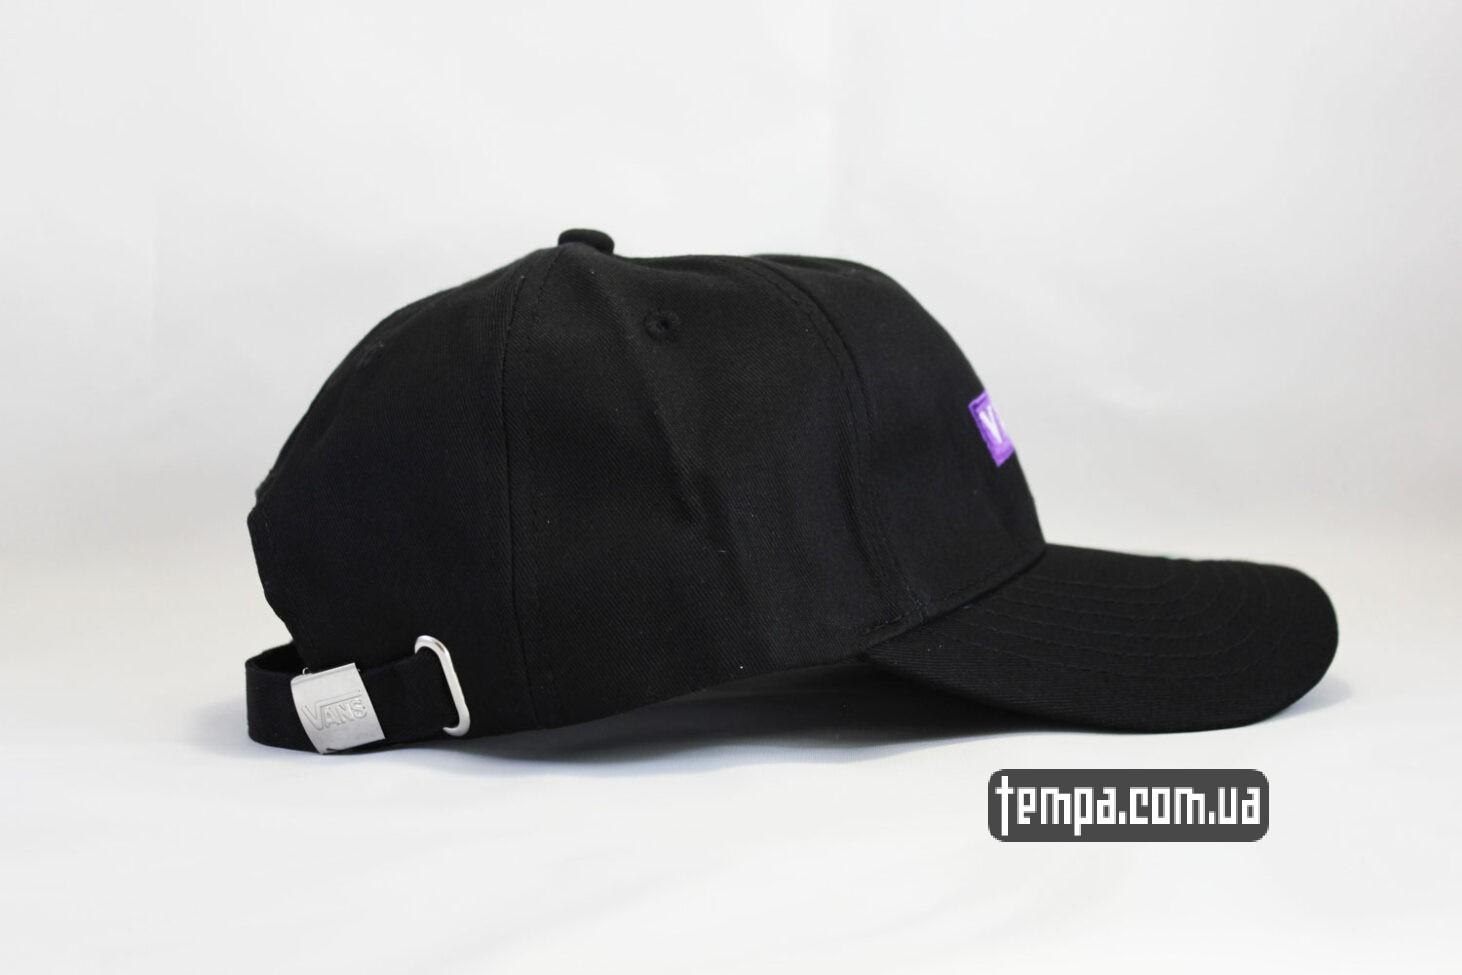 купить Украина кепка VANS черная бейсболка с Фиолетовым логотипом